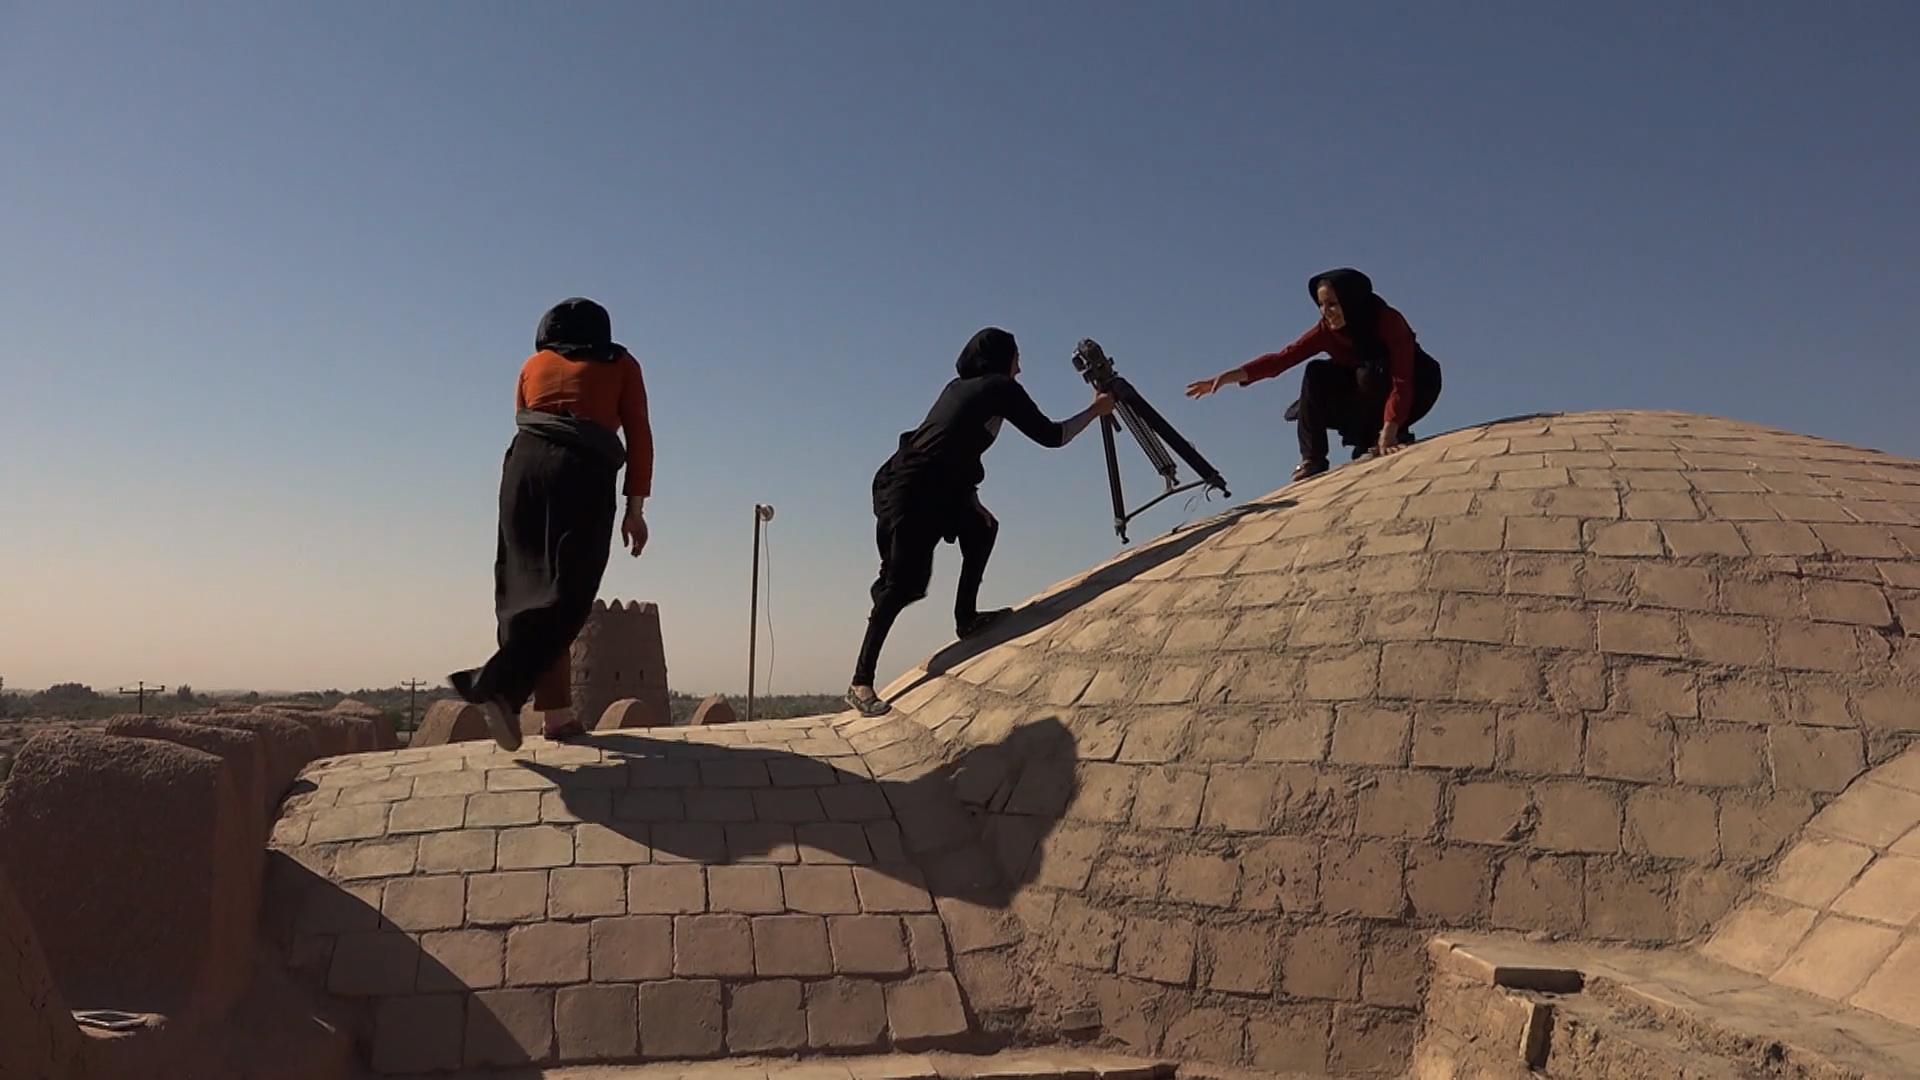 Les Femmes du soleil : une chronologie du regard – La révolution filmée